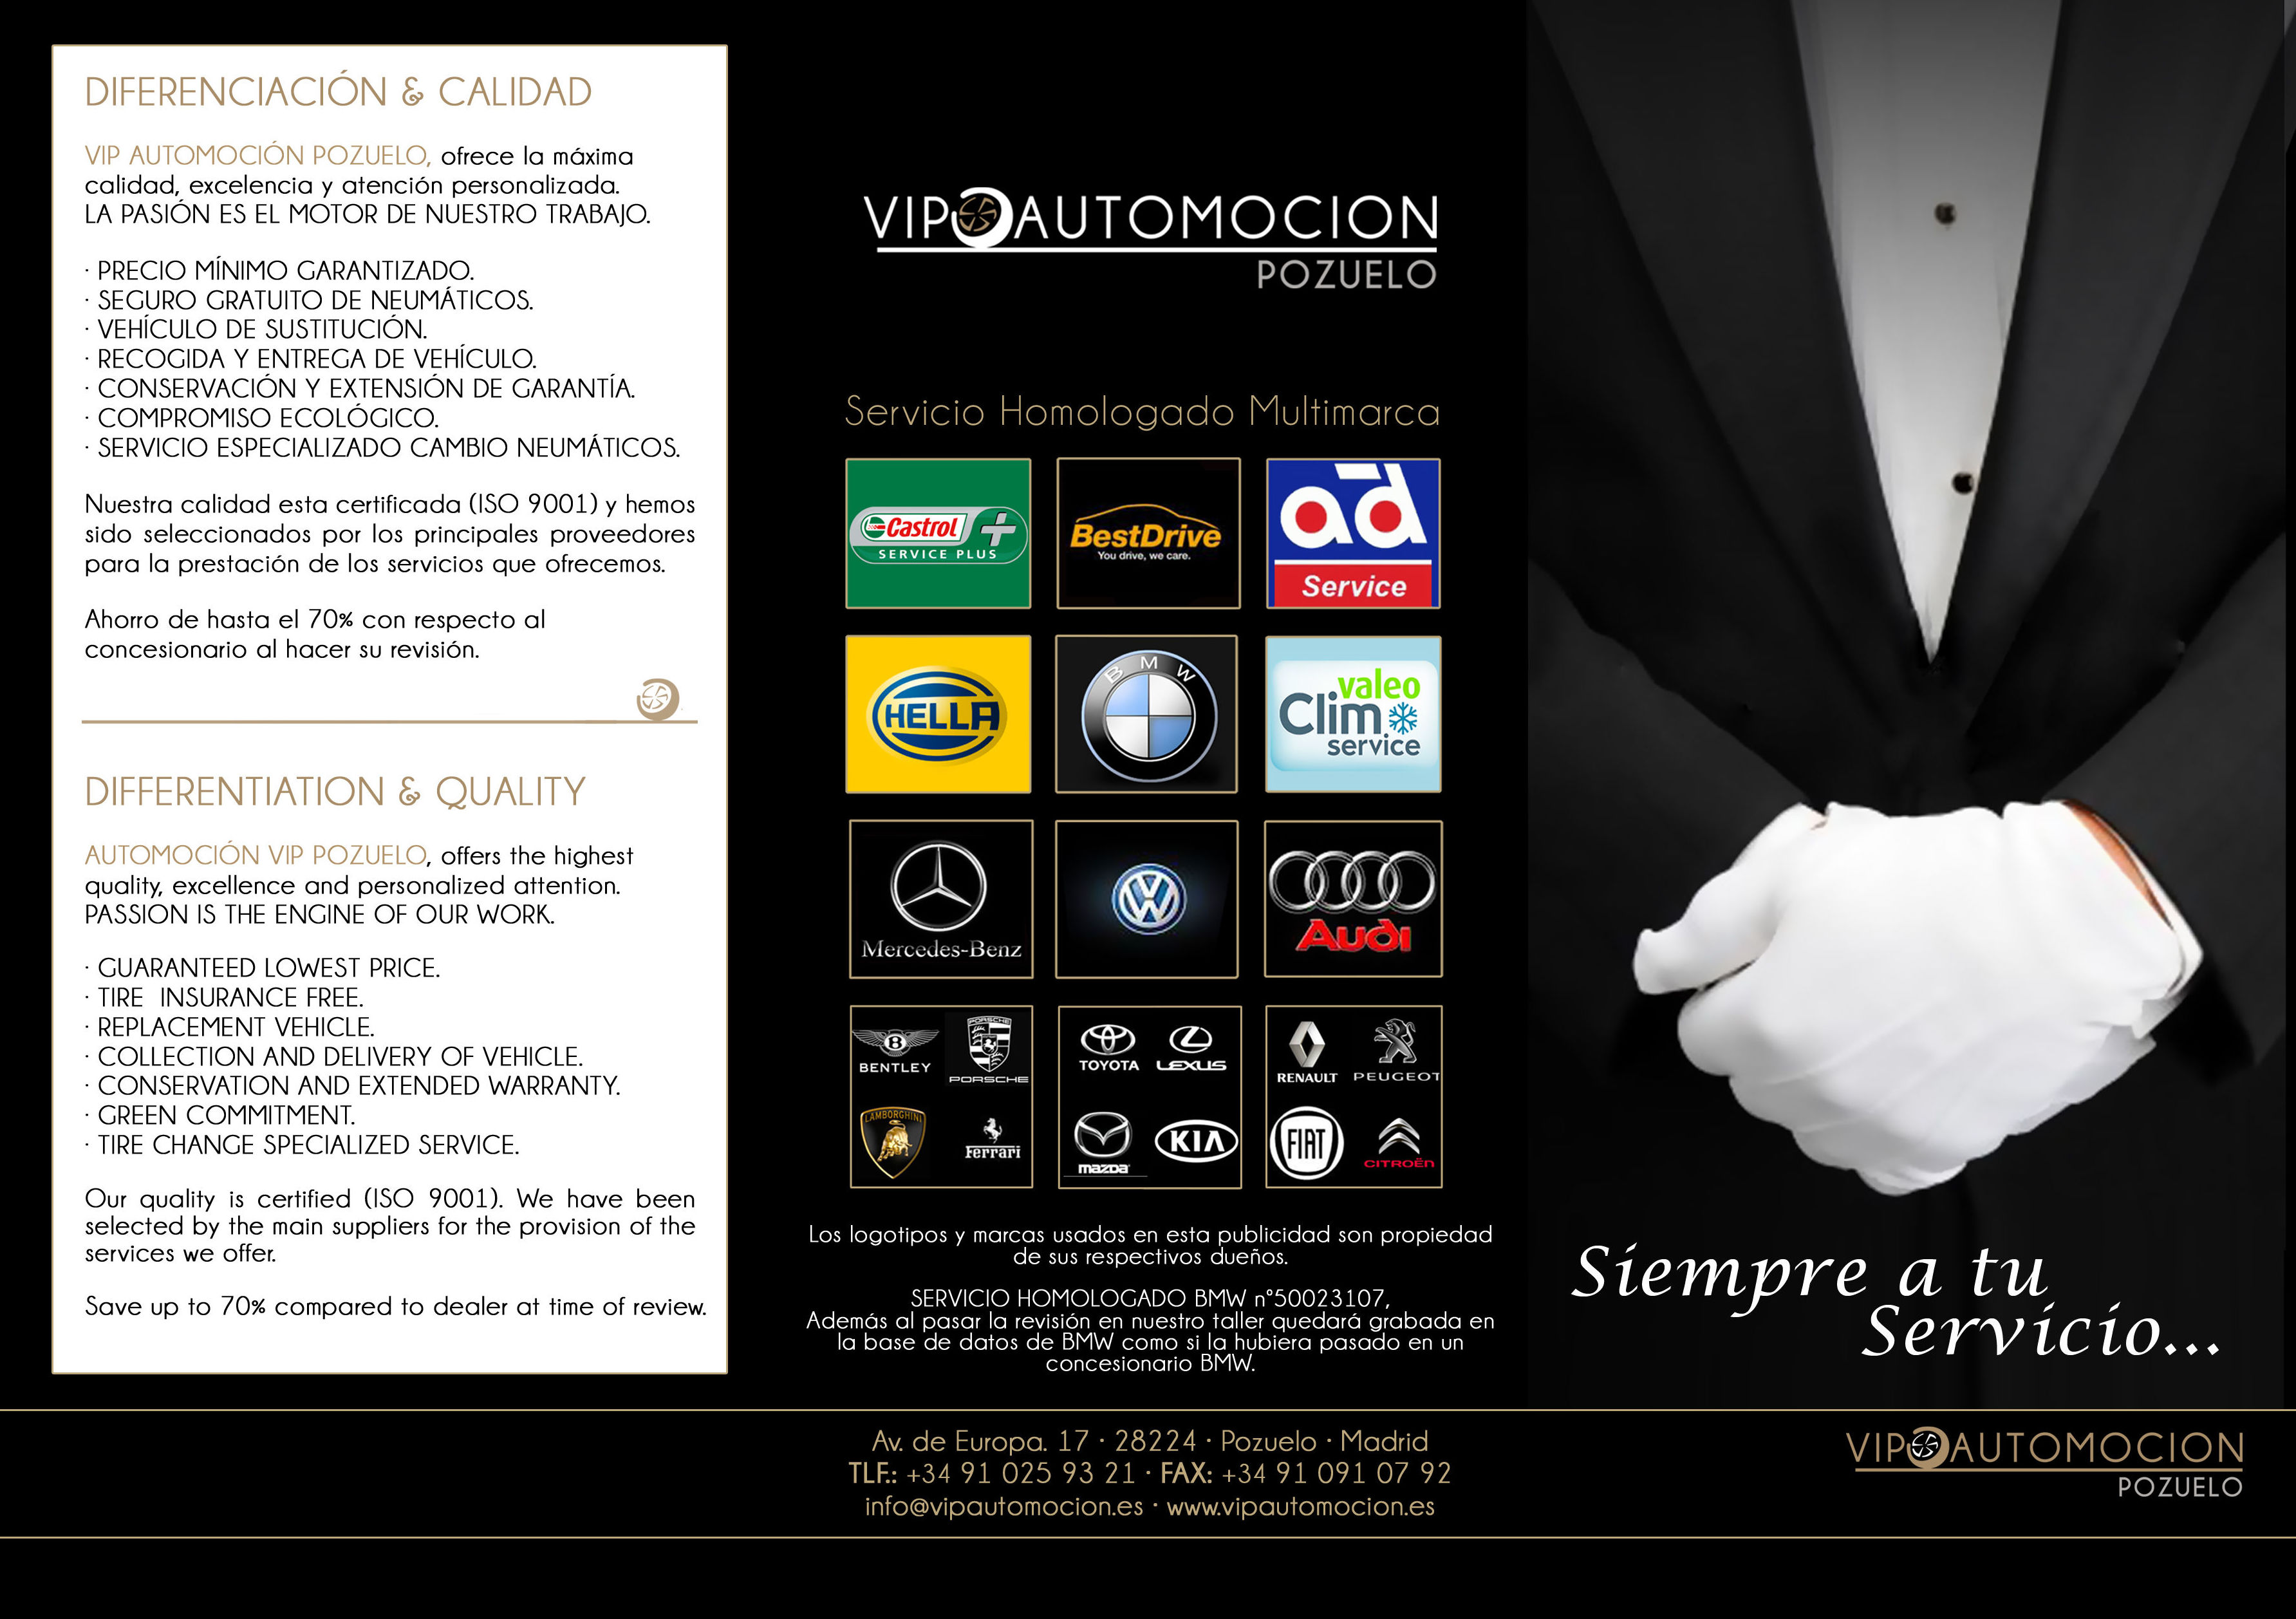 VIP AUTOMOCION POZUELO